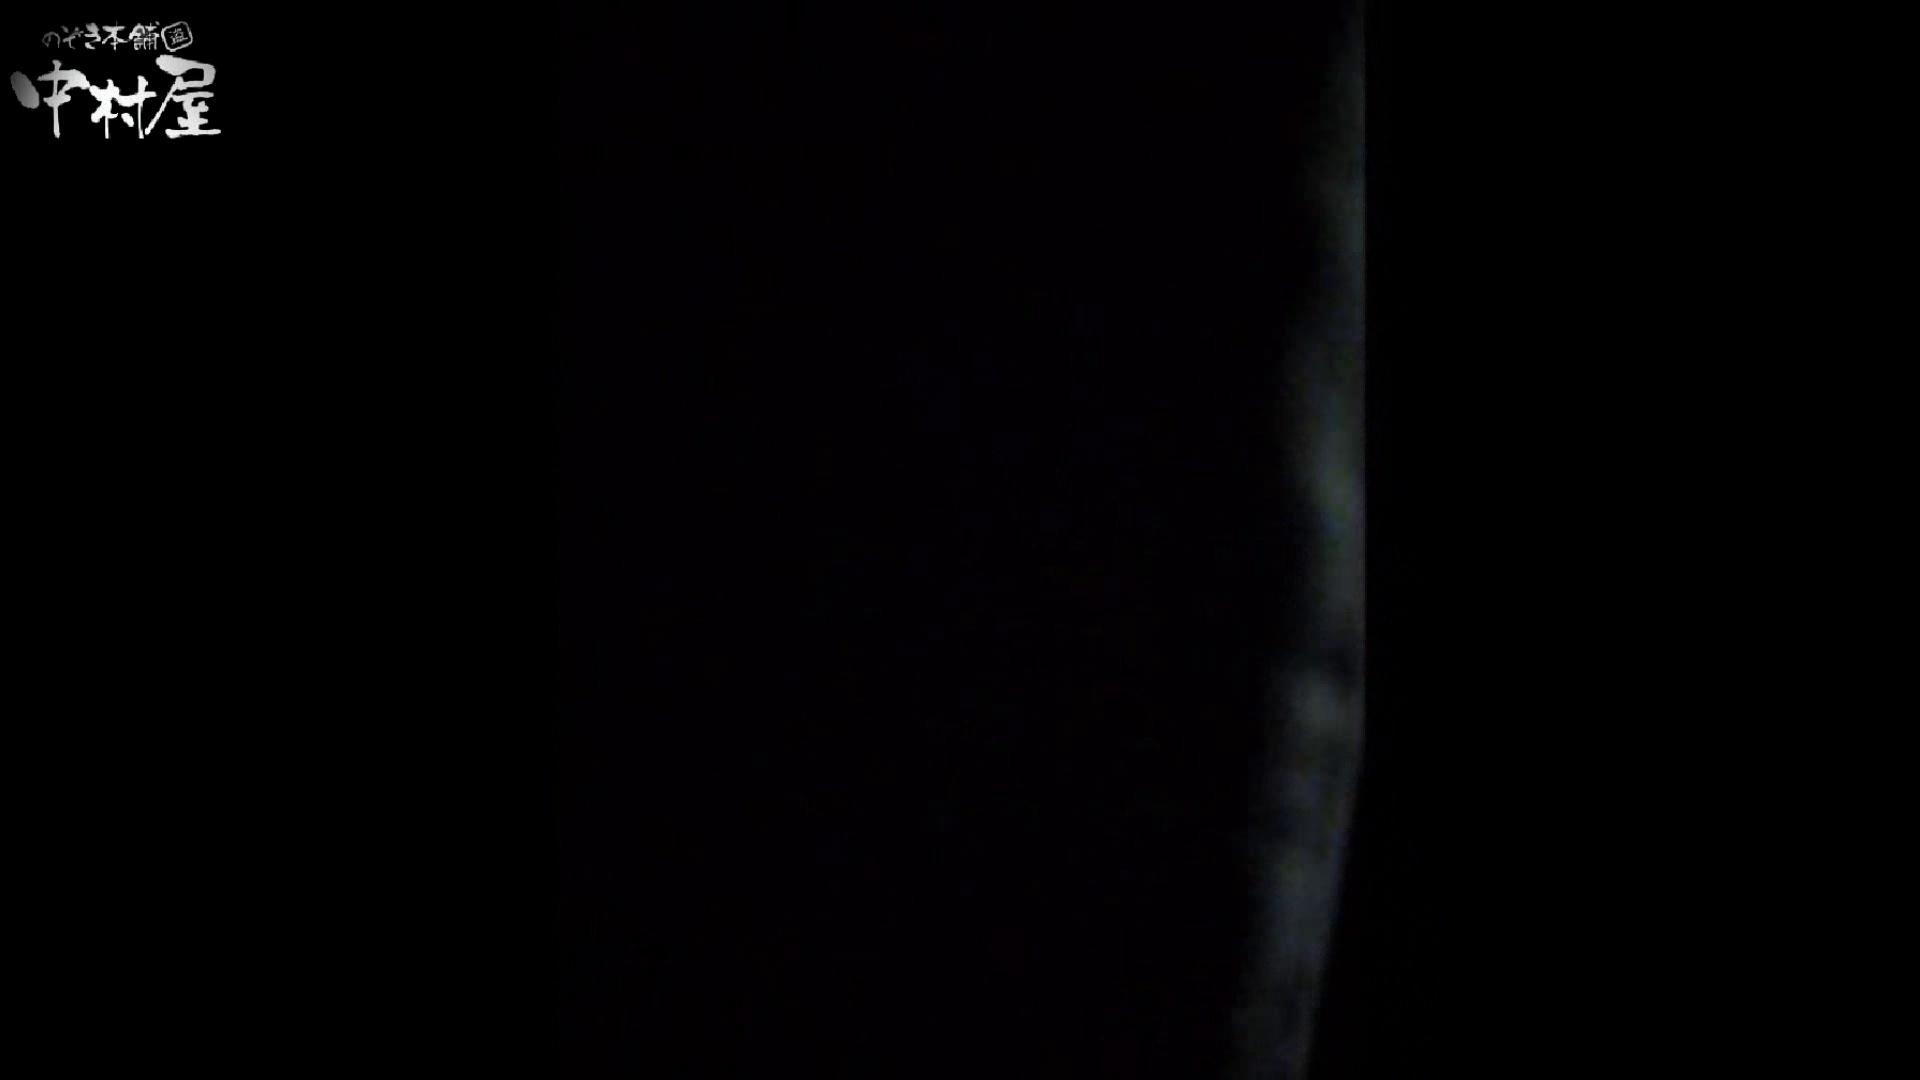 民家風呂専門盗撮師の超危険映像 vol.006 エロい美少女 ヌード画像 88PIX 19